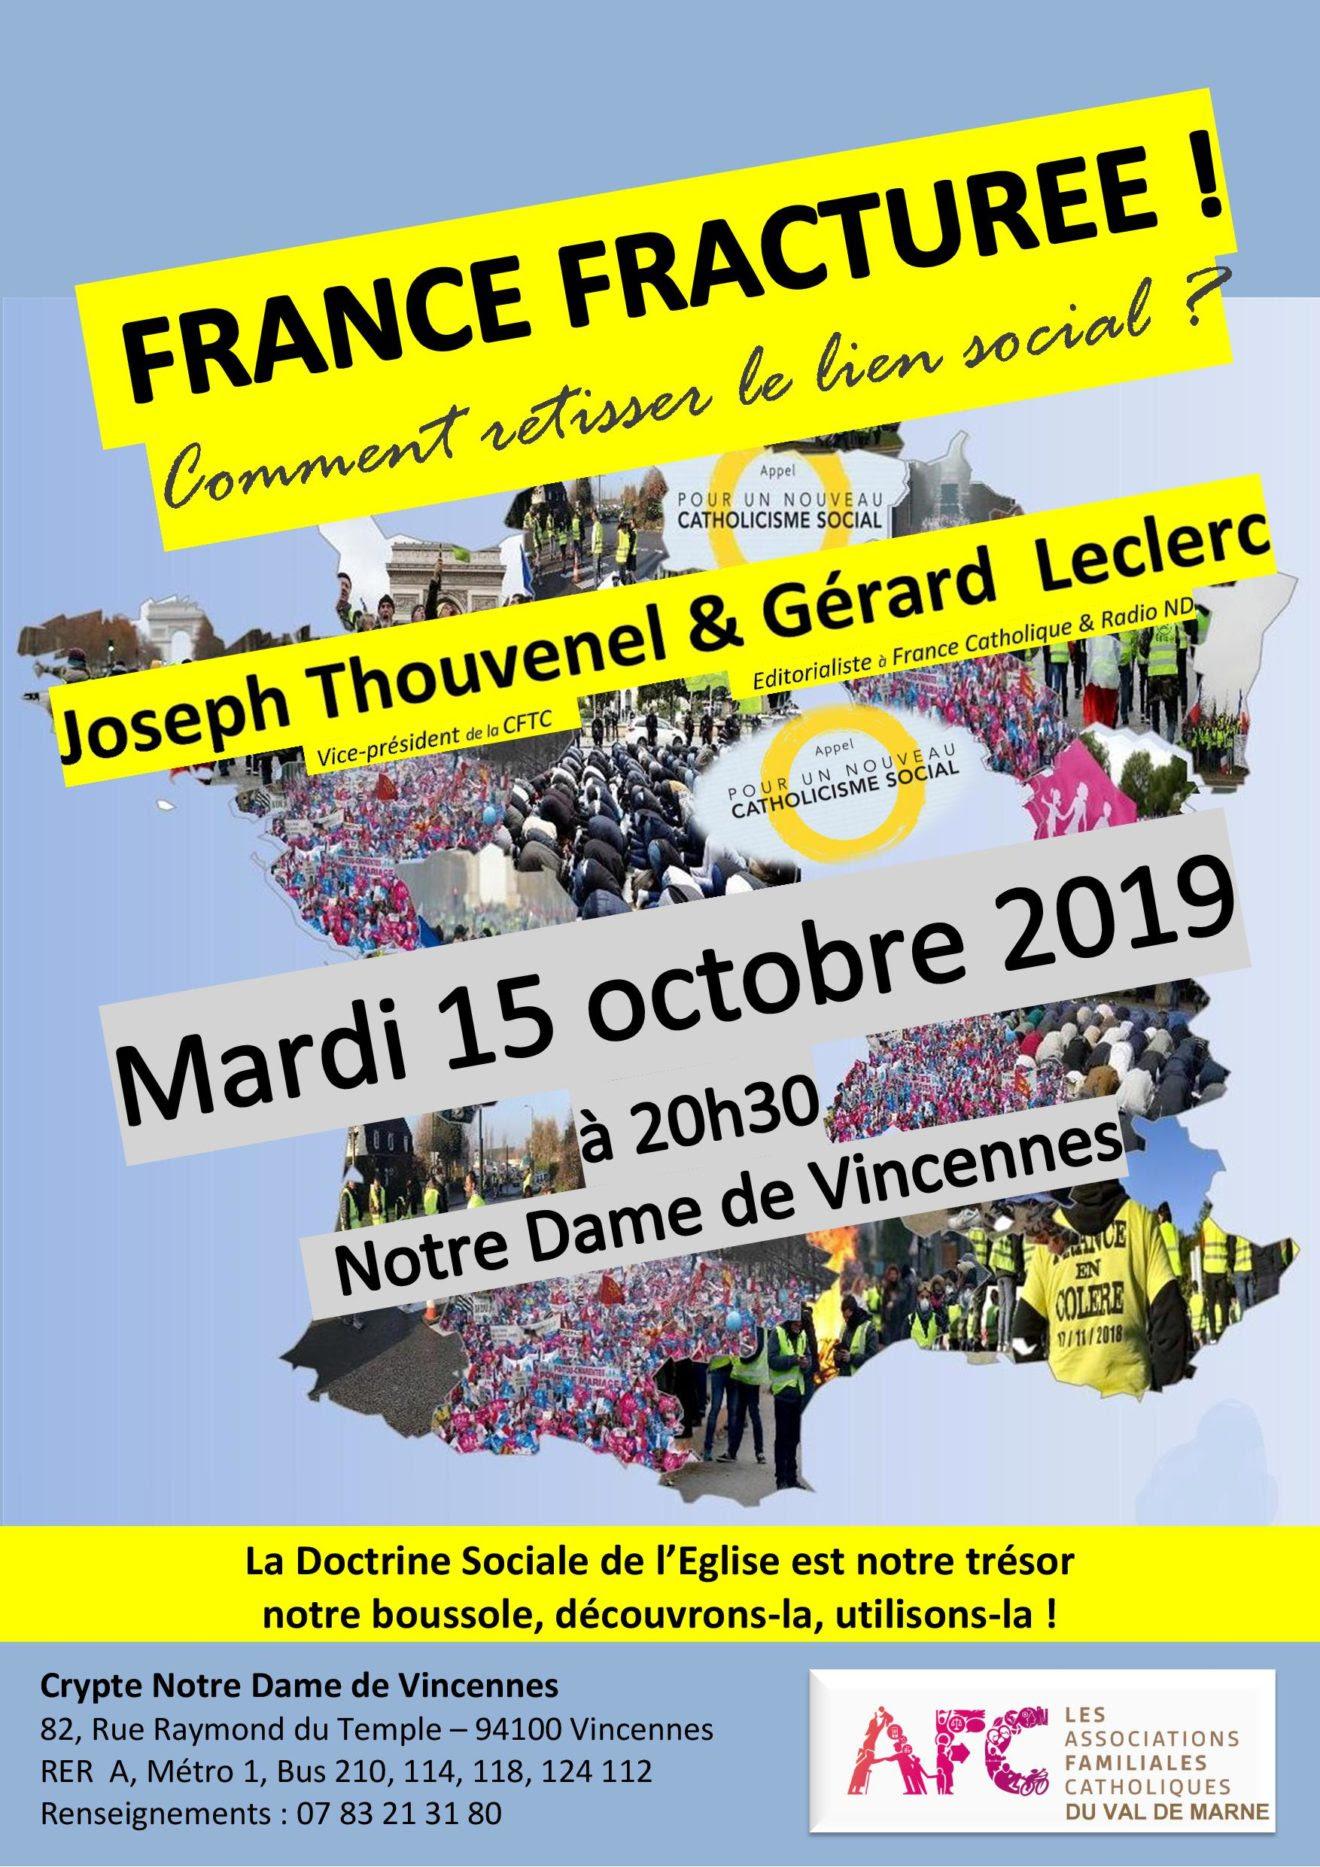 Conférence «France fracturée! Comment retisser le lien social?» Le 15 octobre 2019 à Vincennes (94)